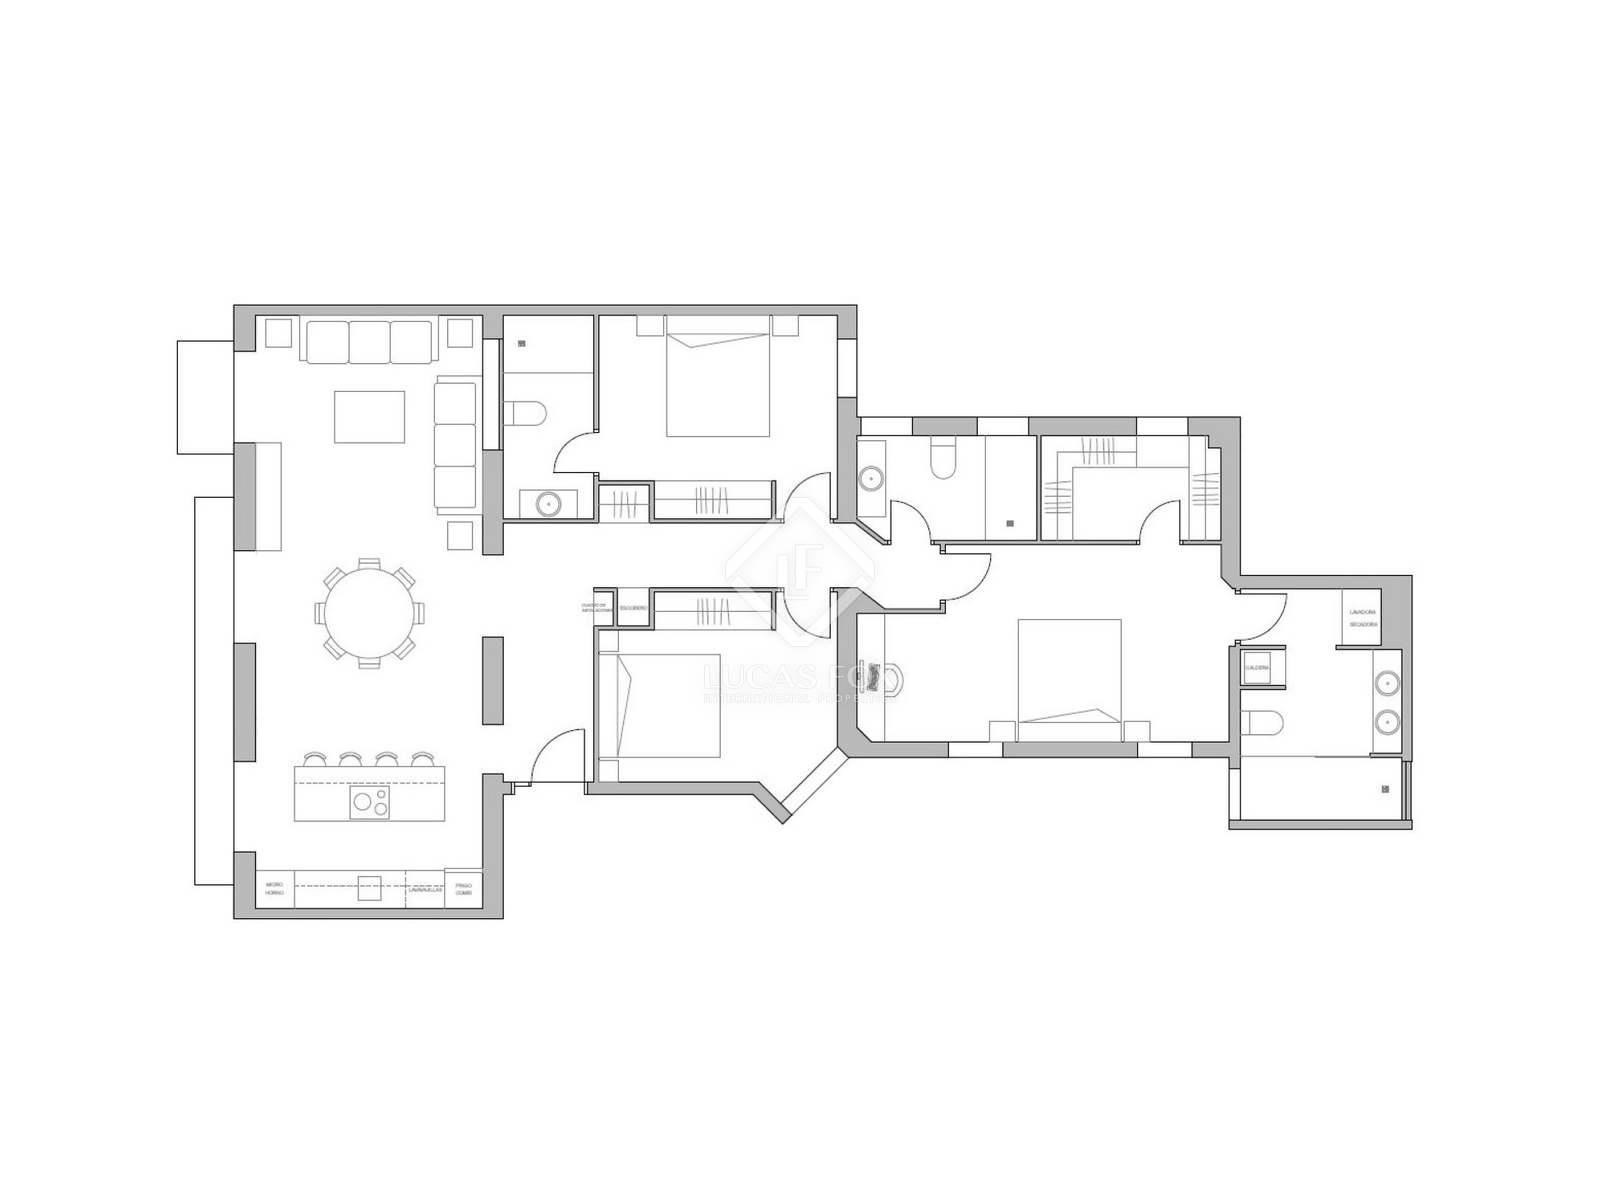 Plano : Imagen de la vivienda